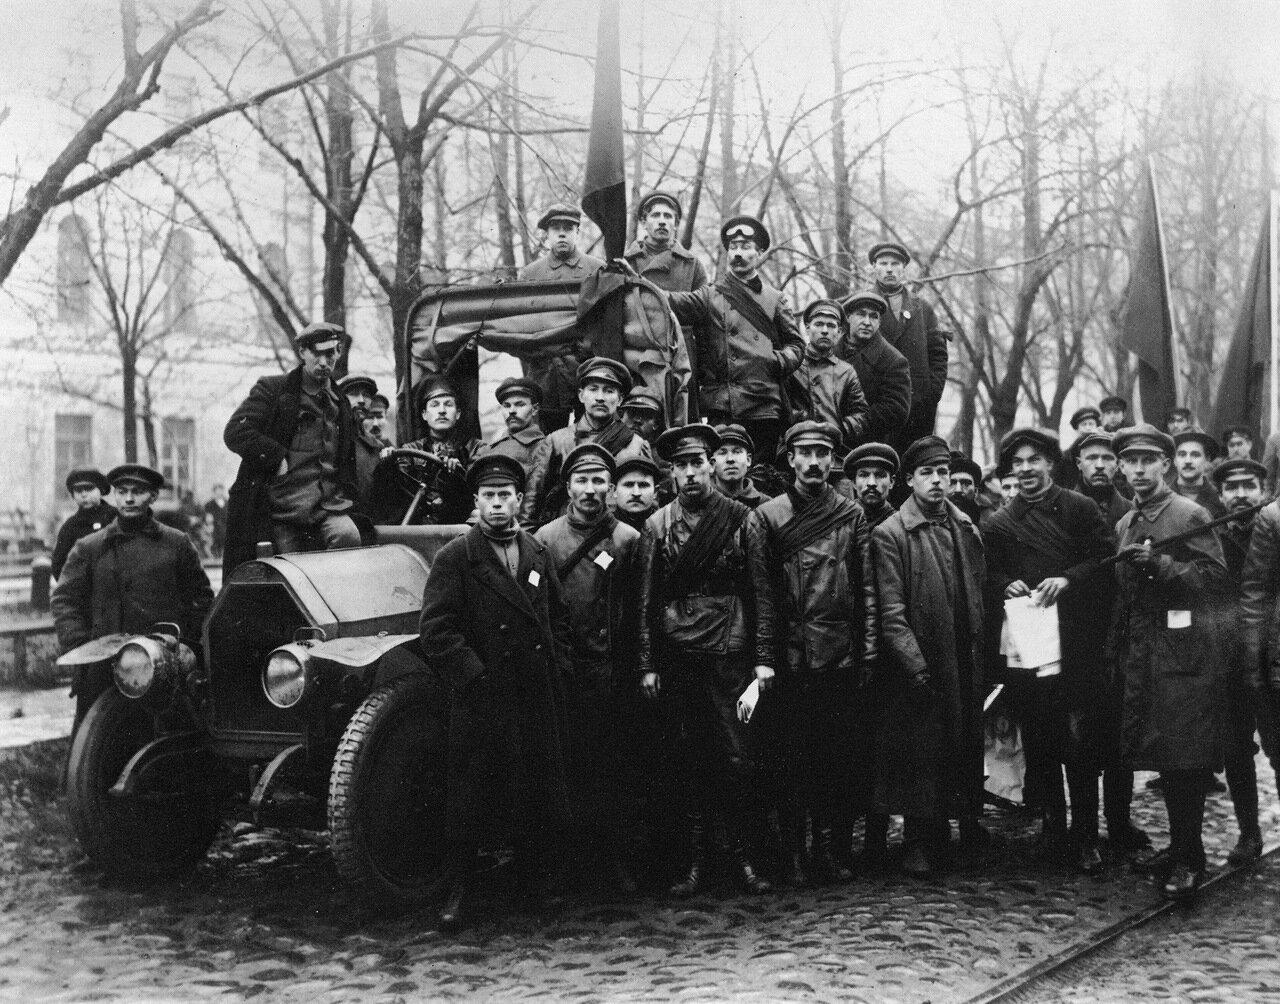 1917. Отряд красногвардейцев. Петроград